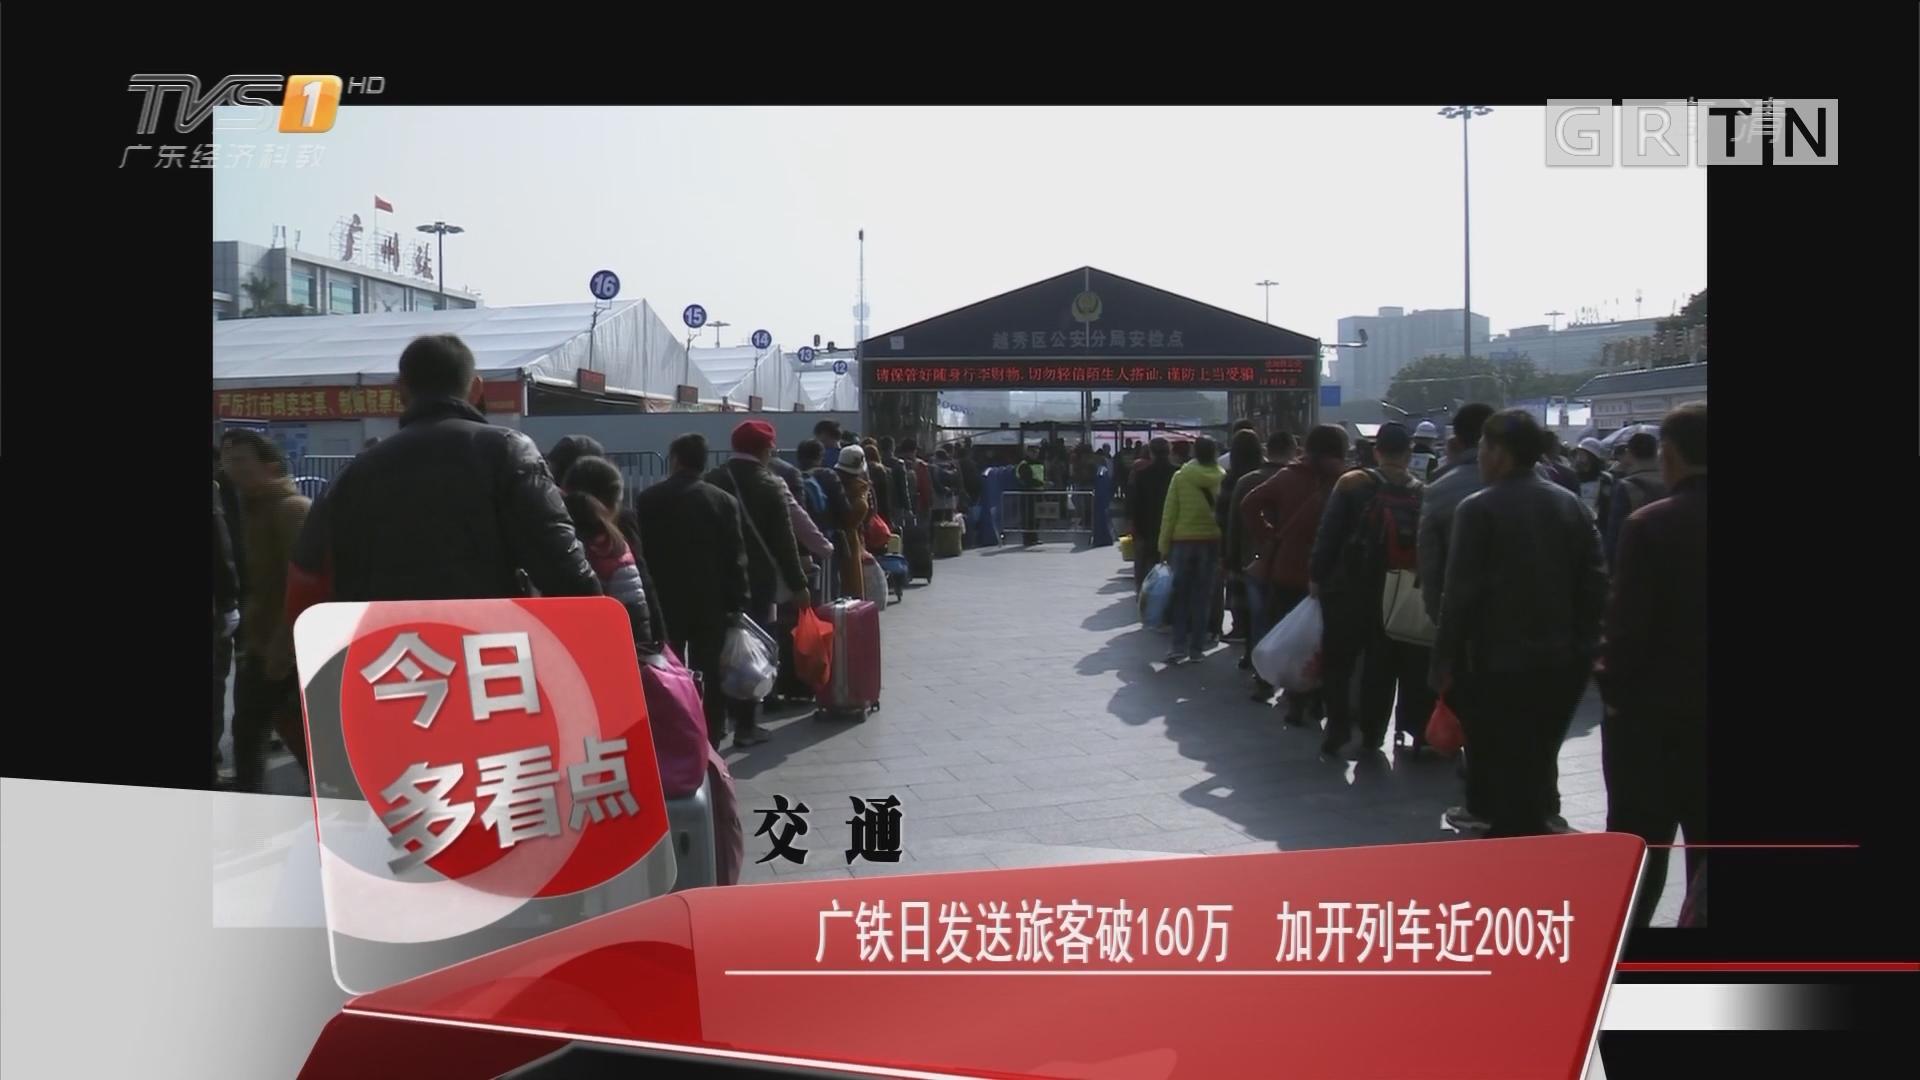 交通:广铁日发送旅客破160万 加开列车近200对